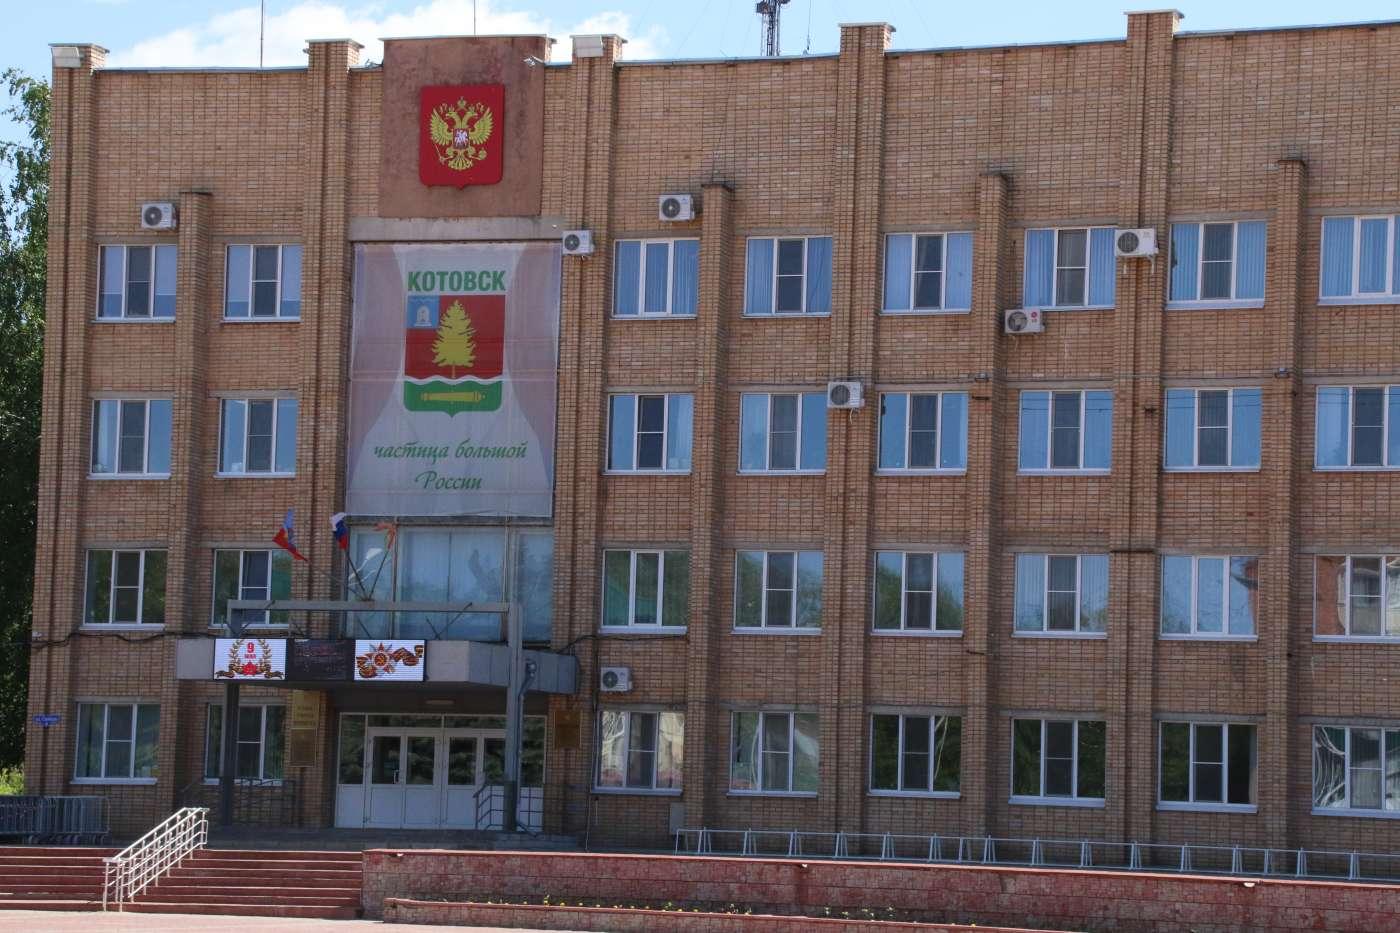 В Котовске прошли публичные слушания по внесению изменений в Устав города